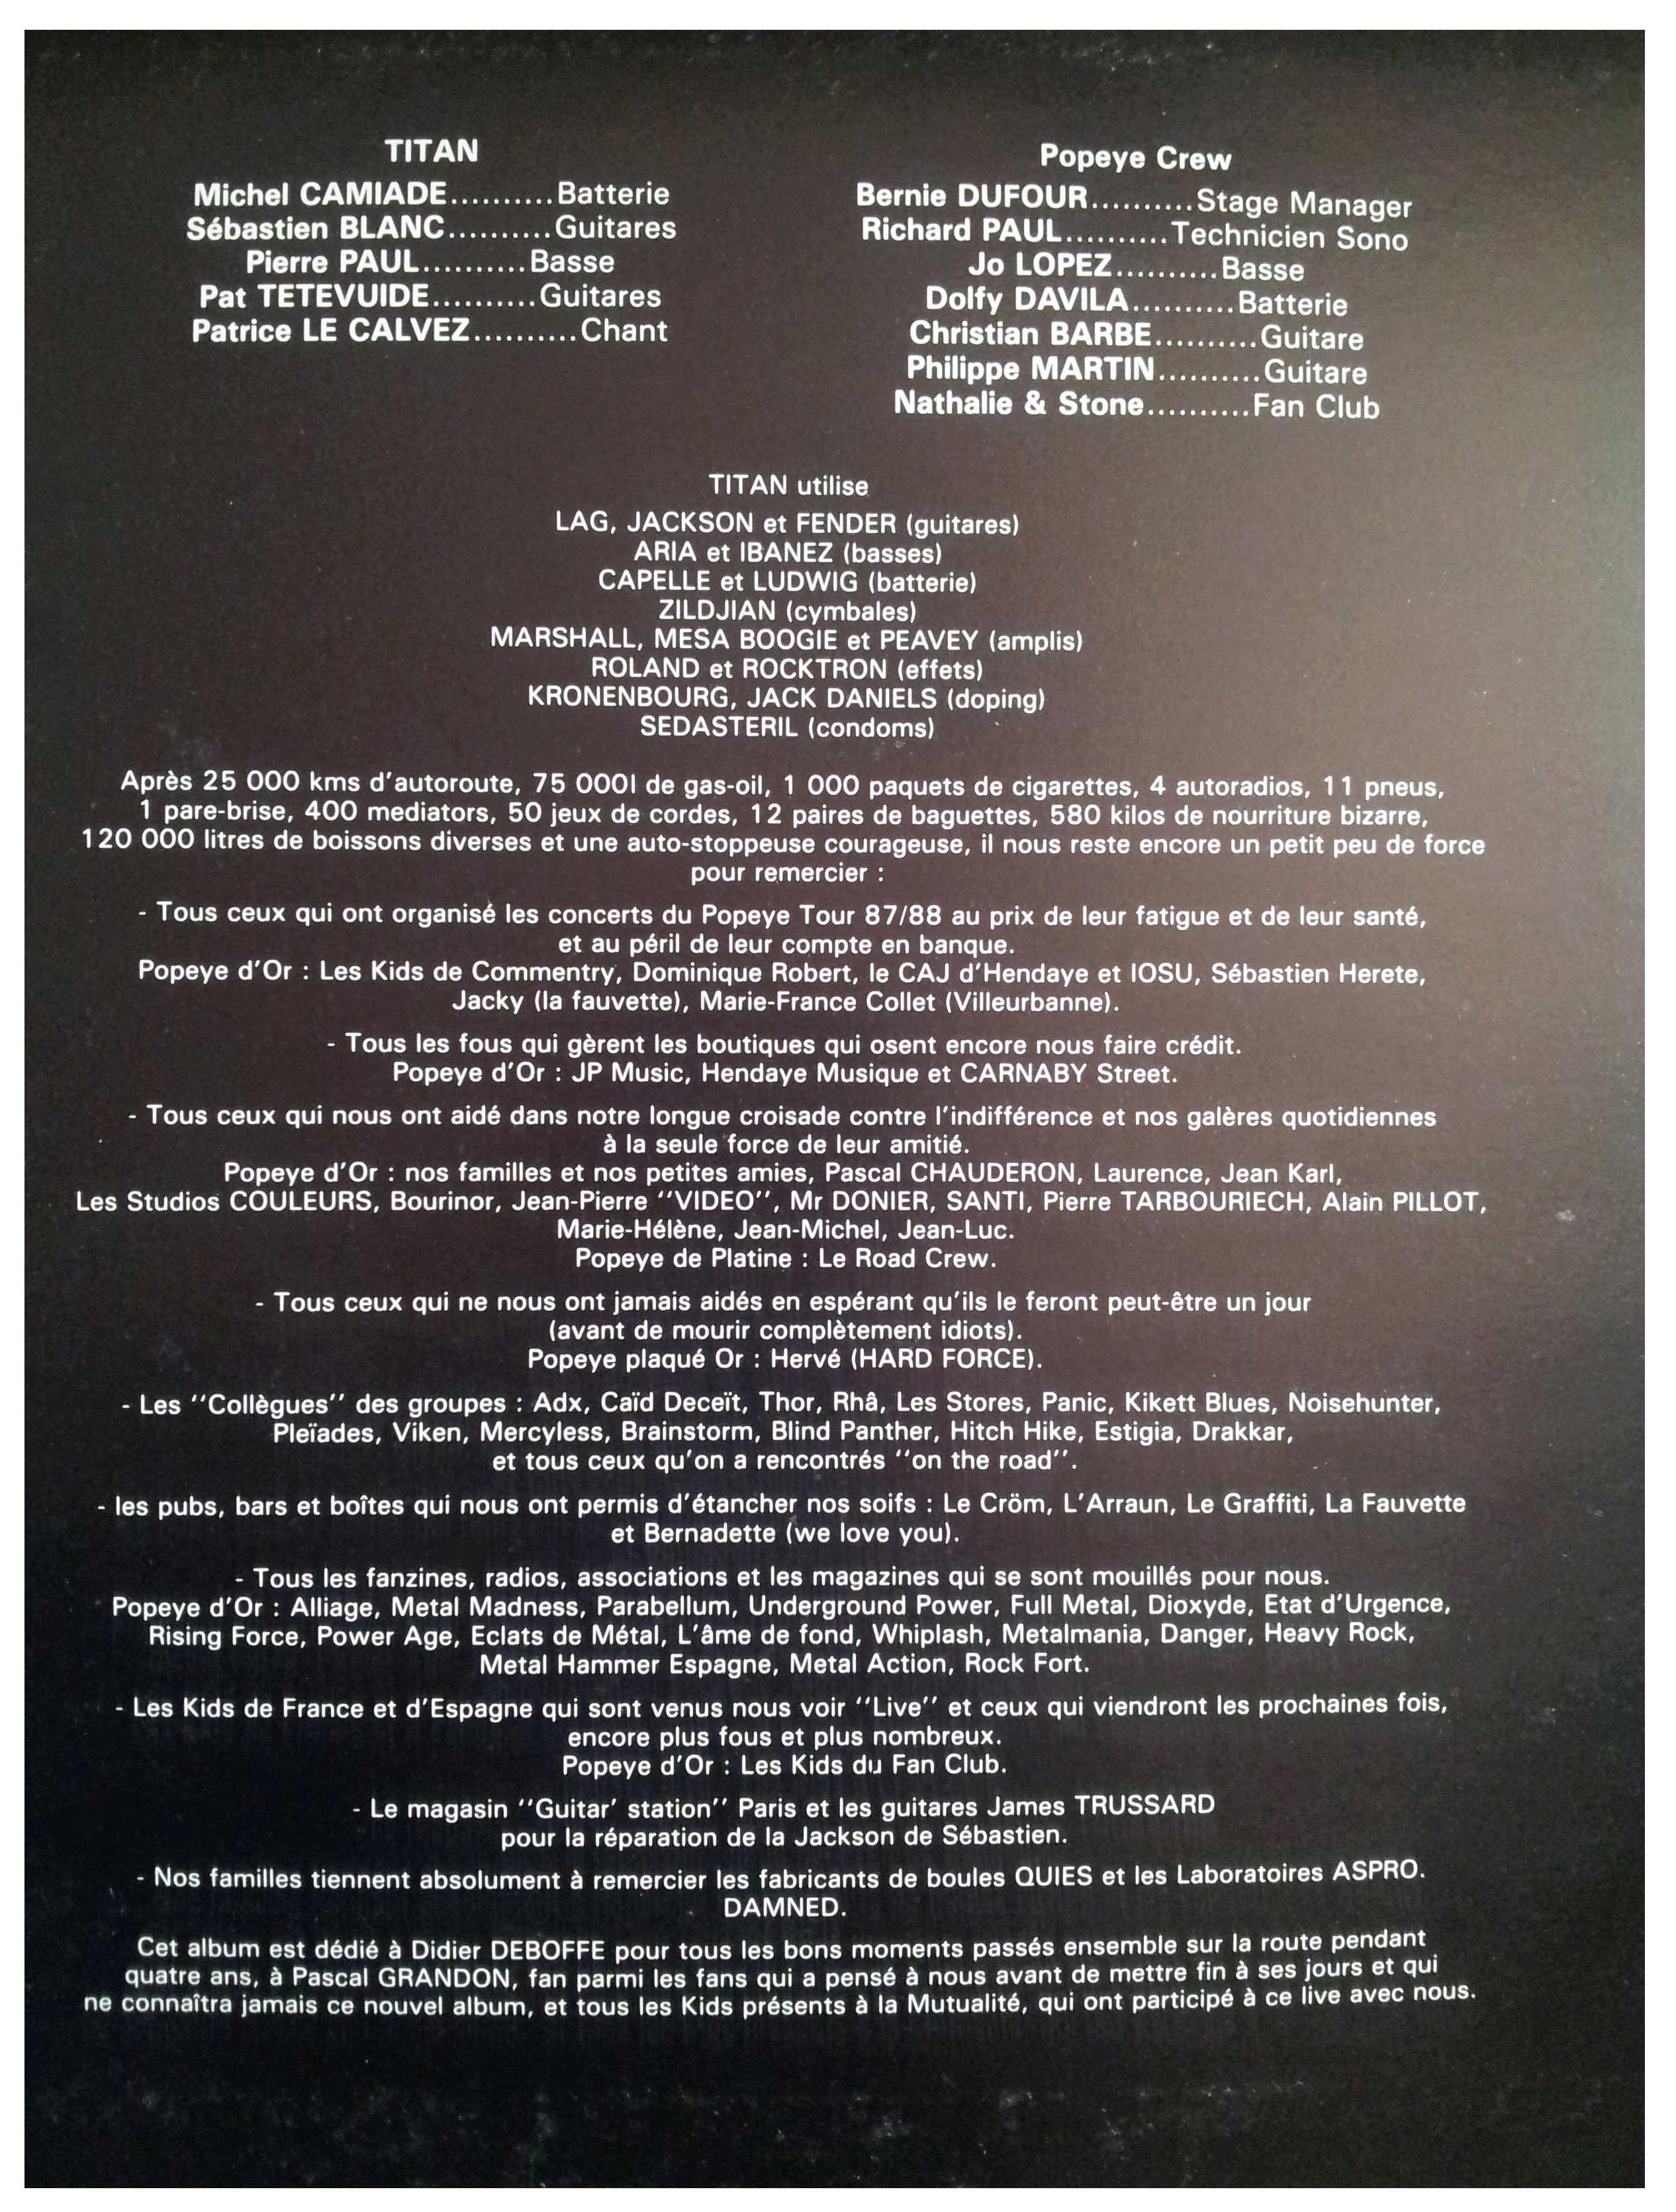 TITAN Popeye le Road (1988) le vinyle vu de plus près ... 329